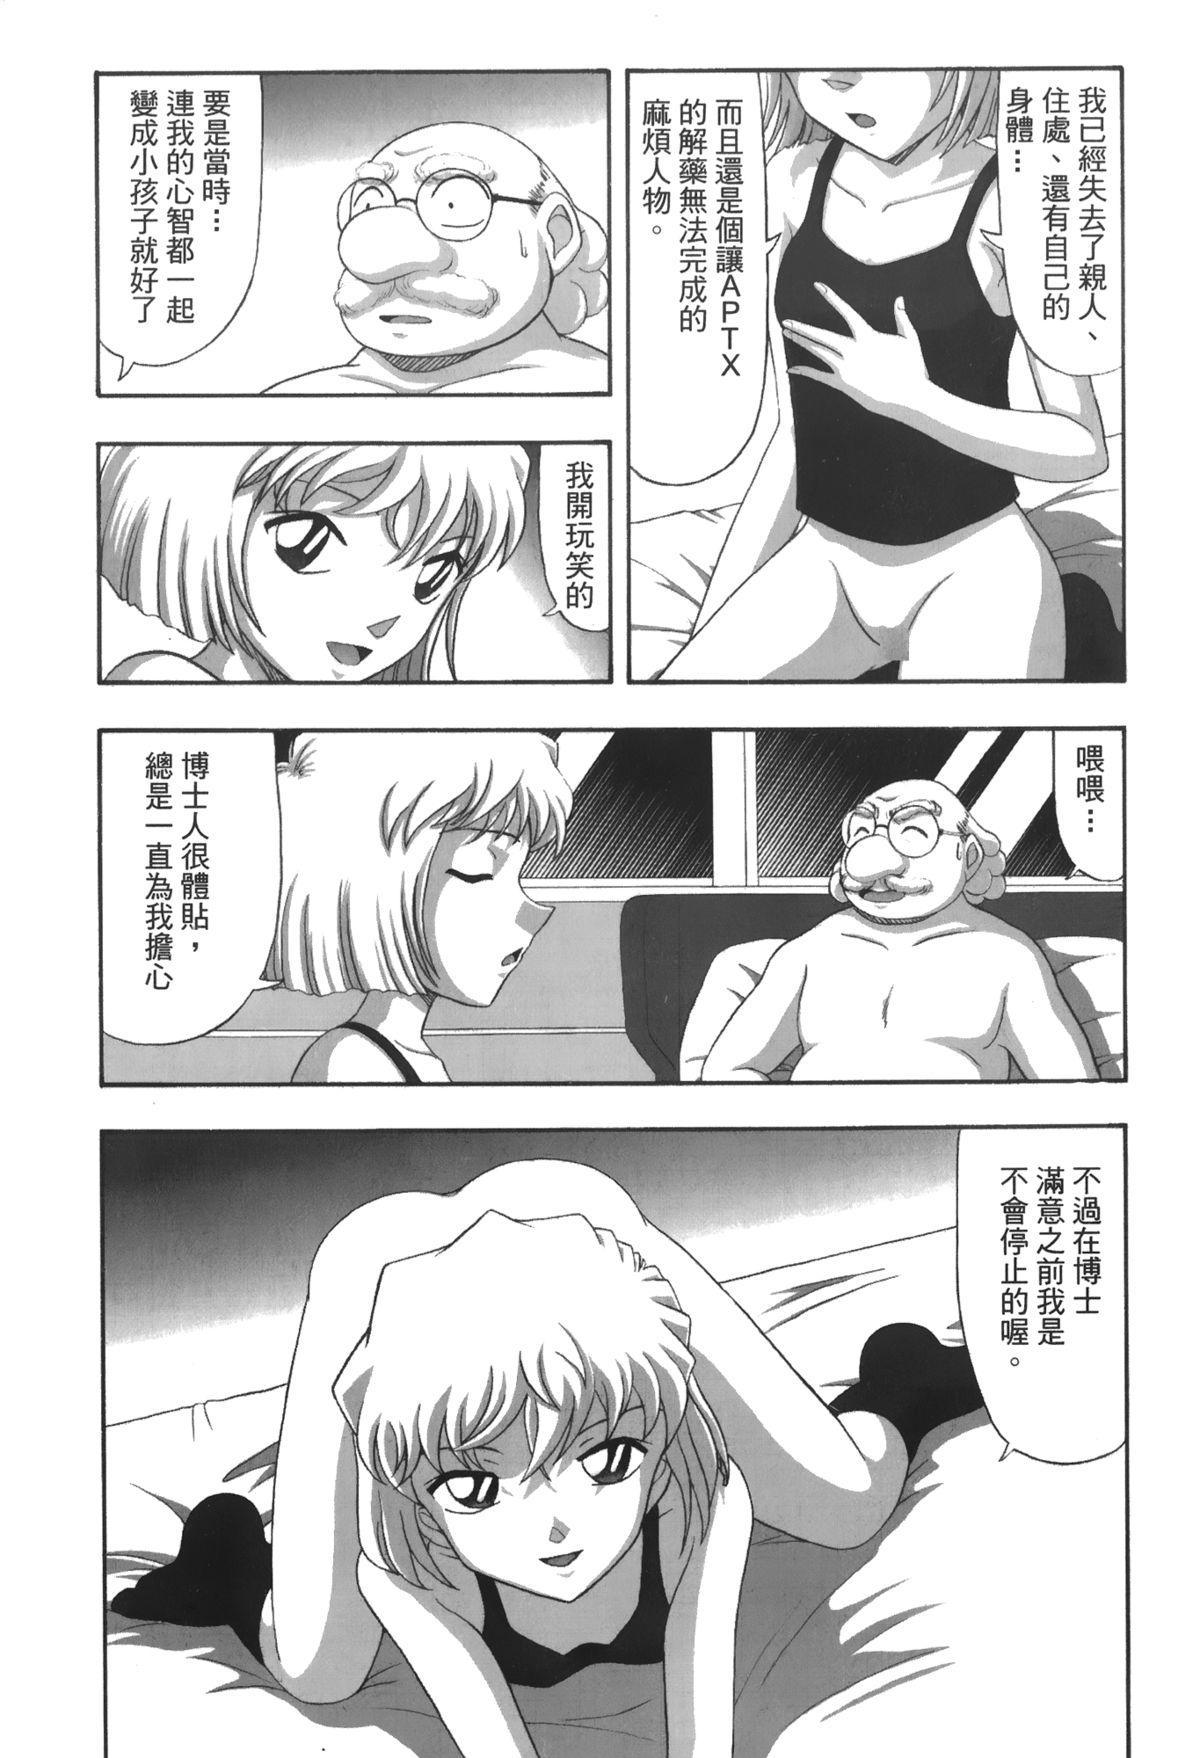 Detective Assistant Vol. 13 53